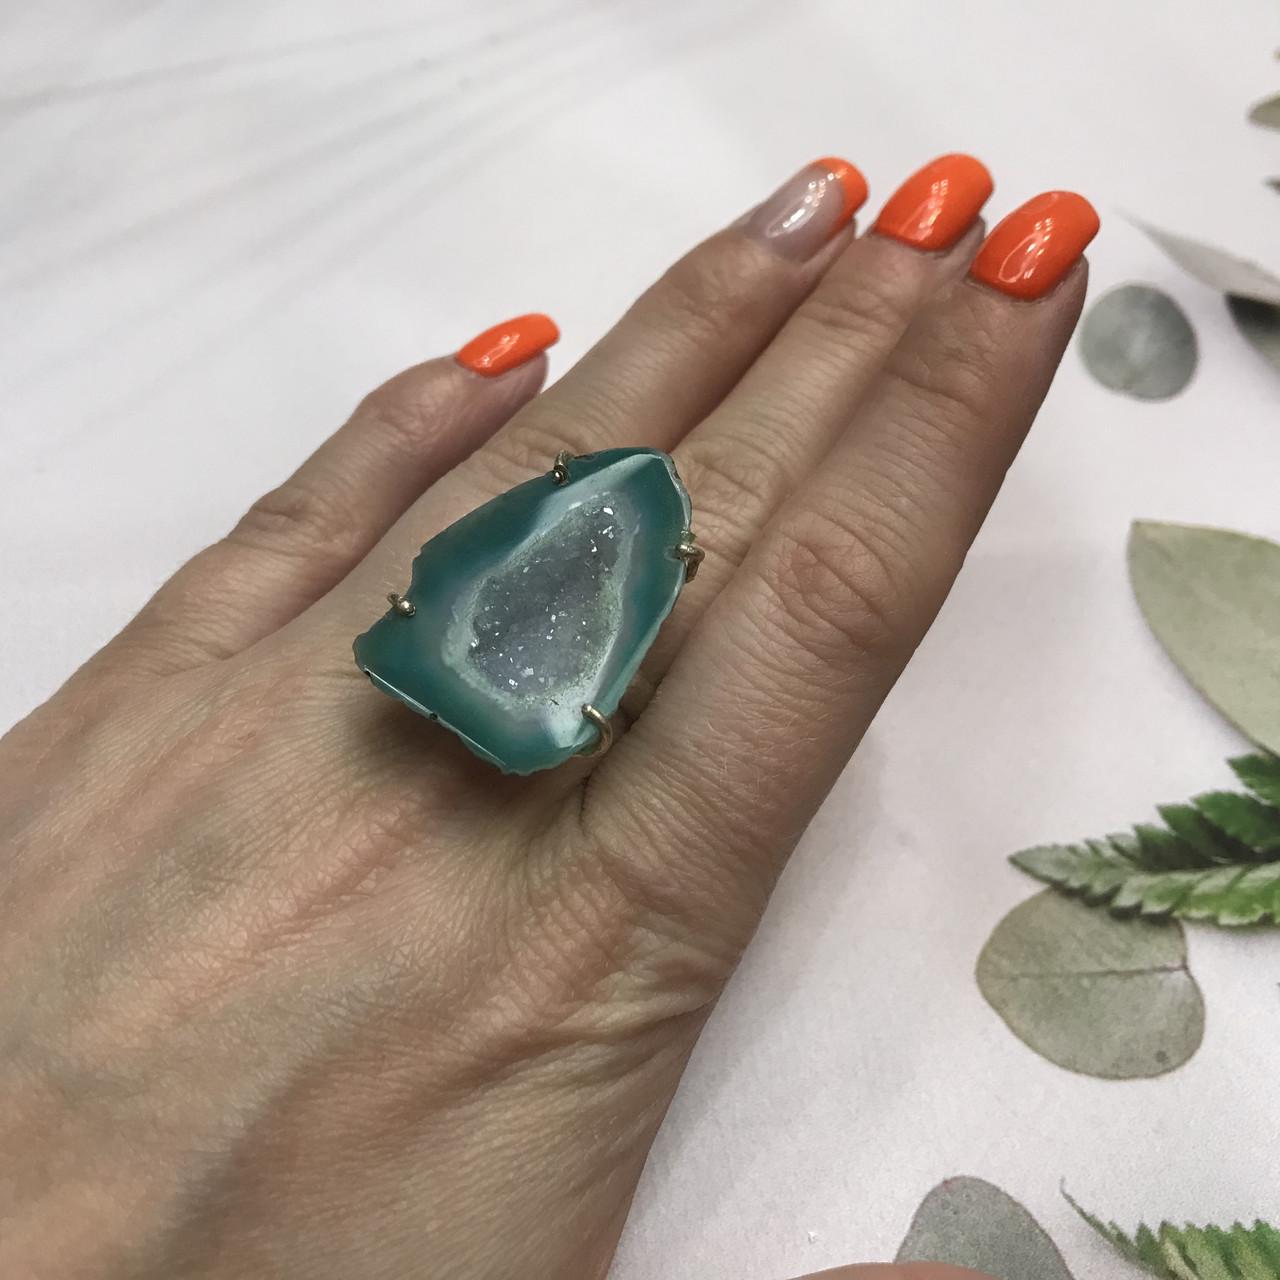 Агат 18,5 р. агатовая жеода кольцо с камнем жеода агата в серебре Индия